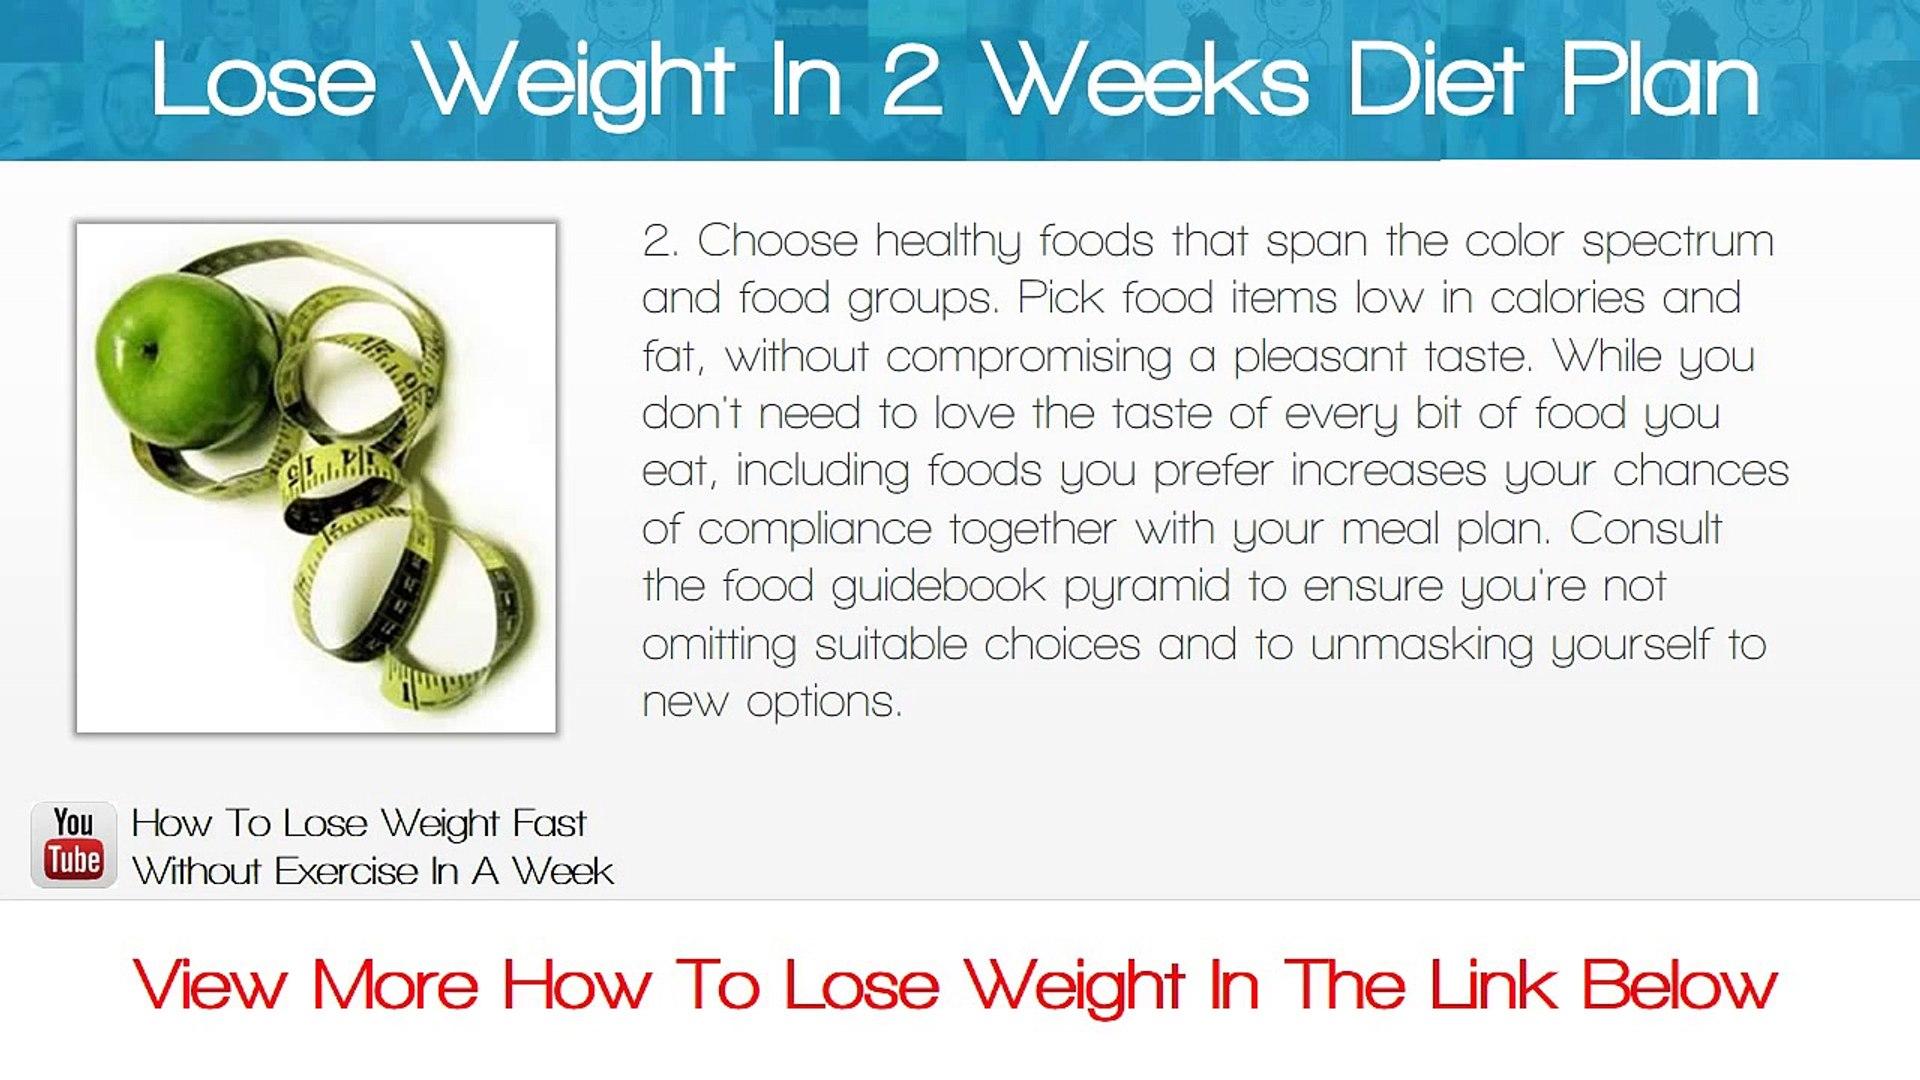 Lose Weight In 2 Weeks Diet Plan